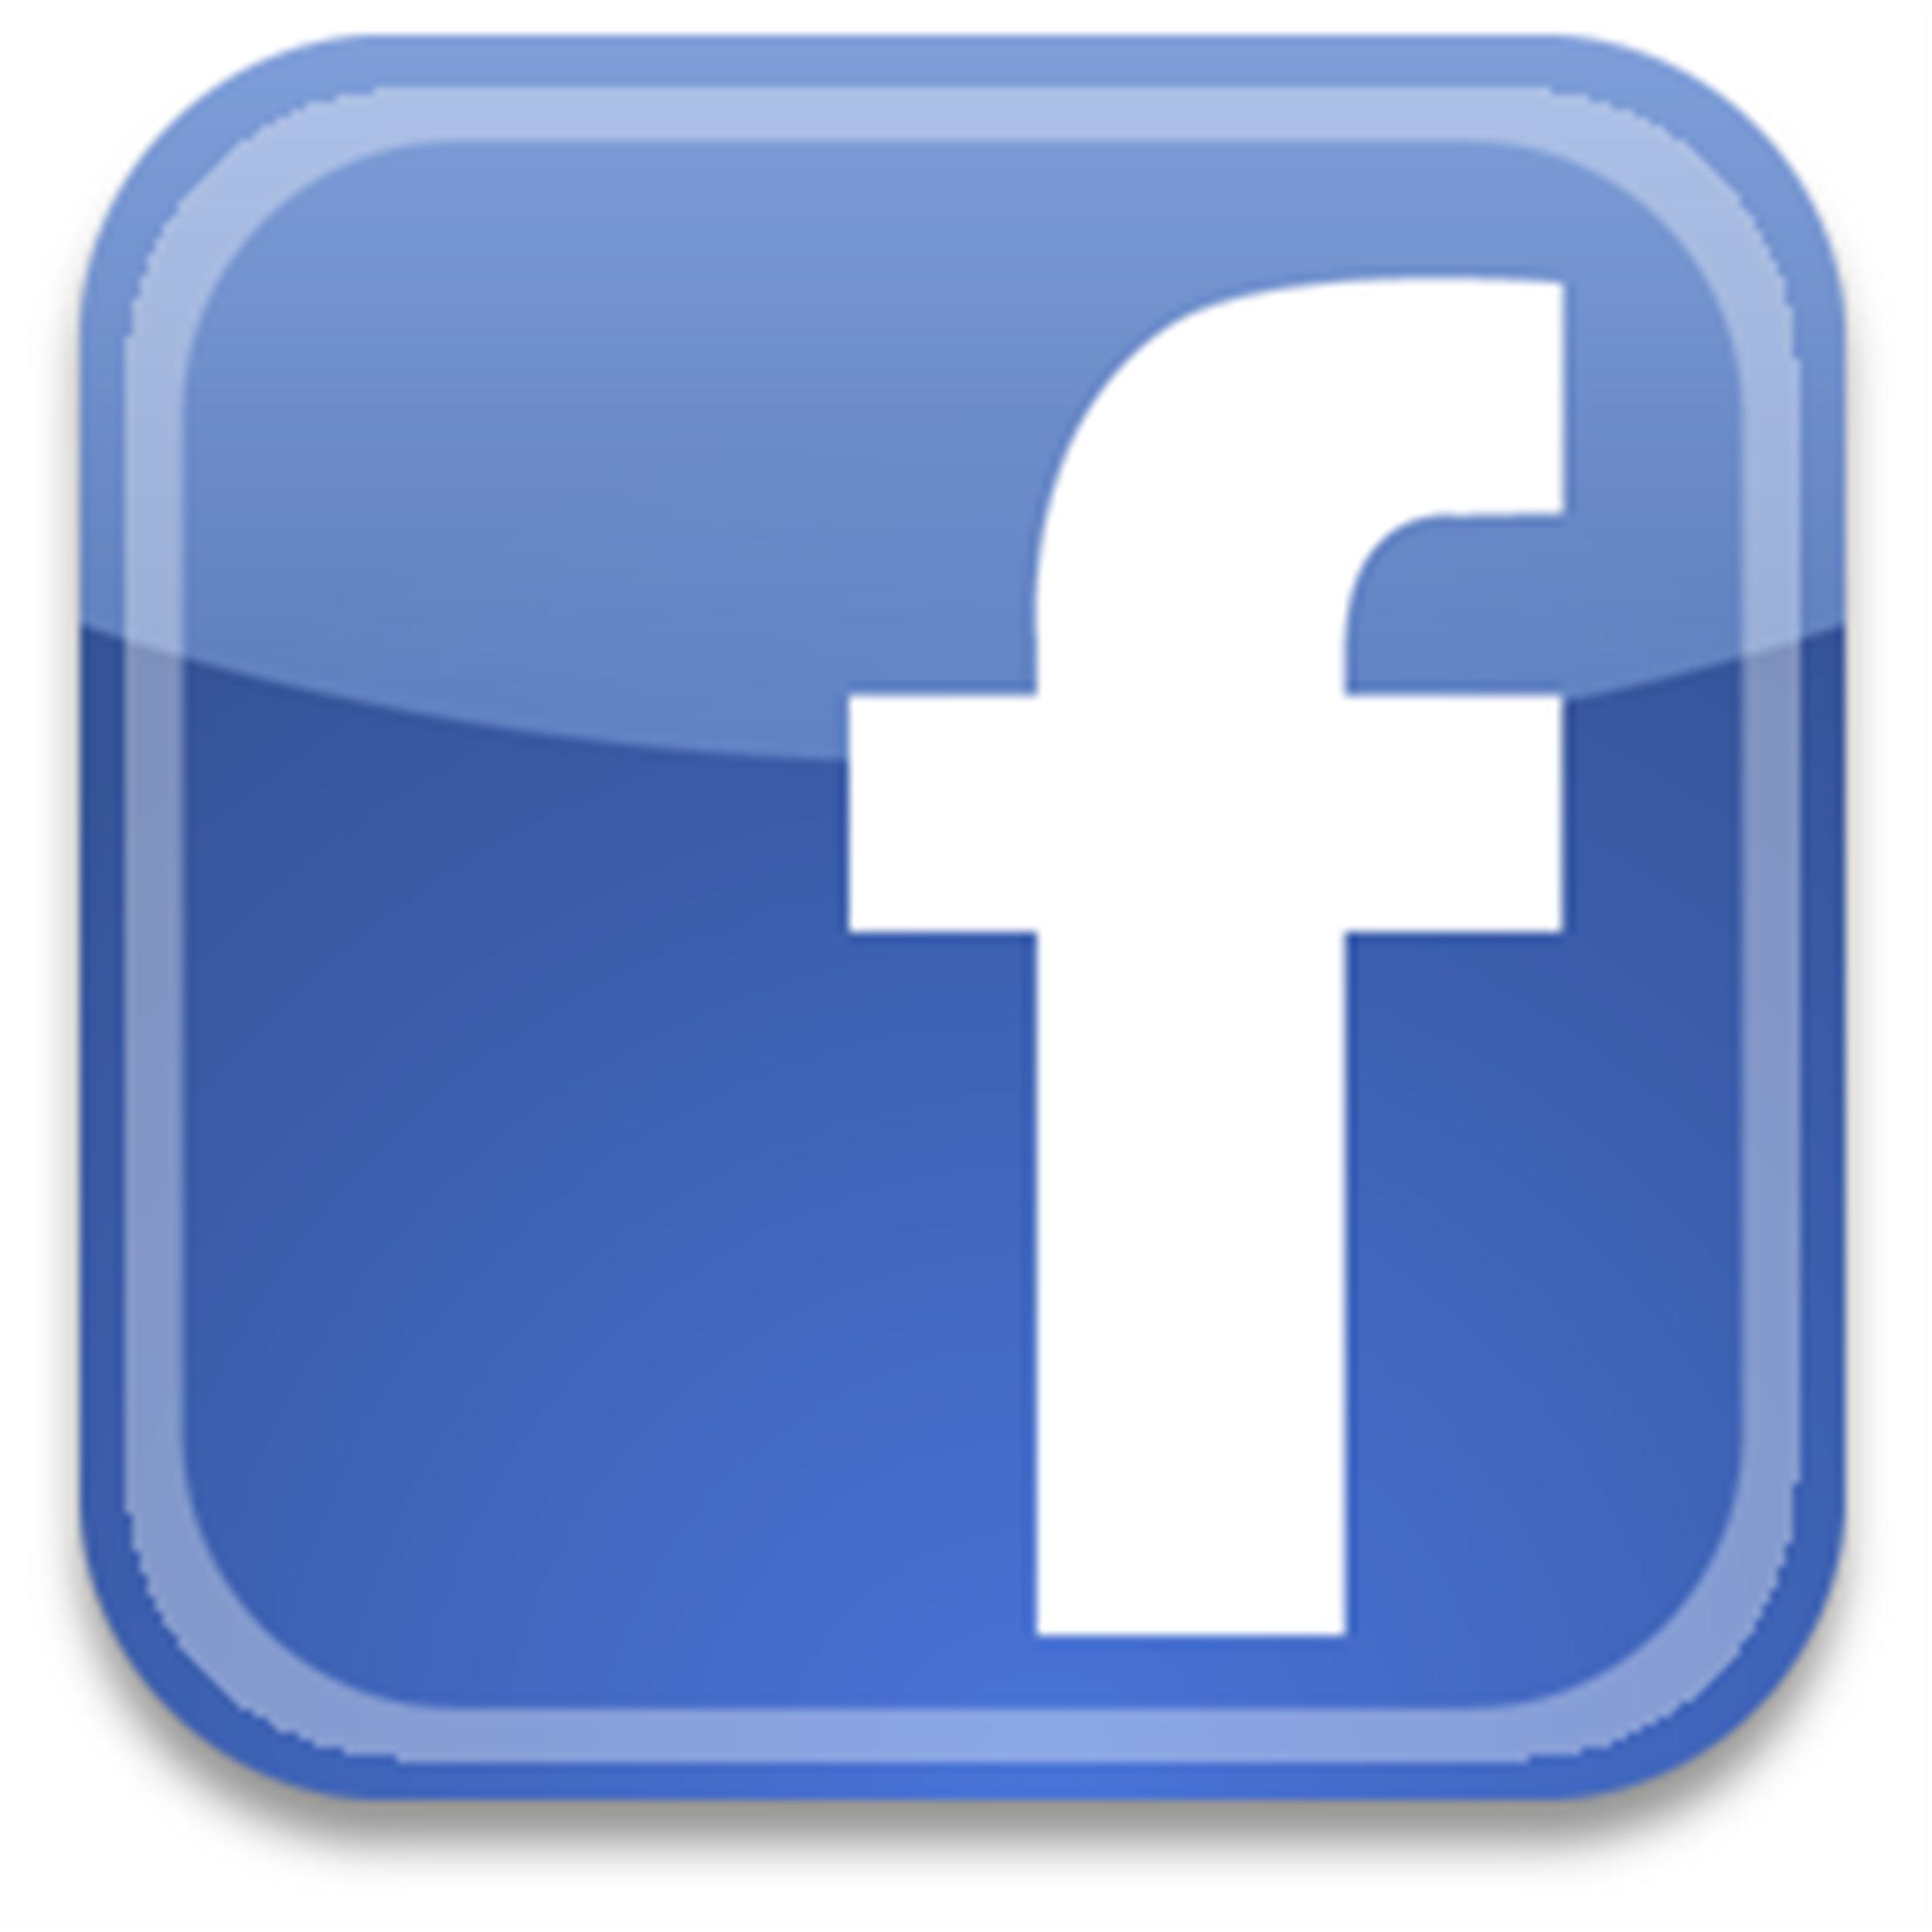 Official Facebo...